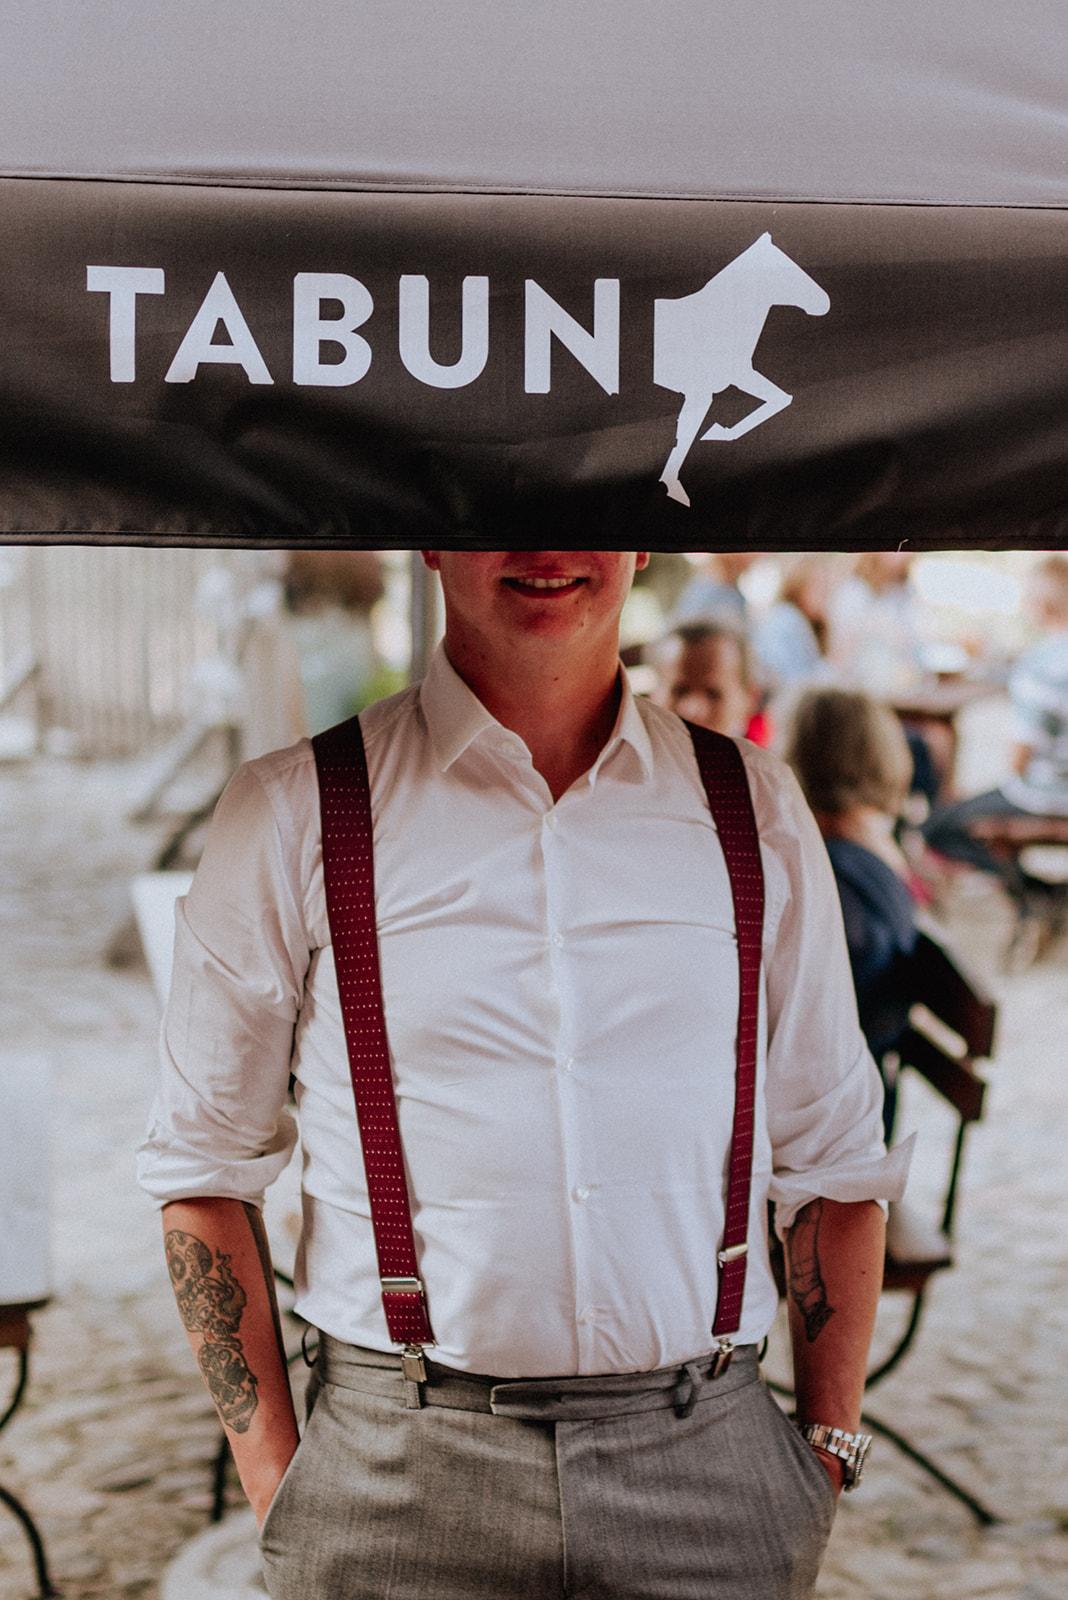 Baśniowy ślub w Tabunie | ceremonia w plenerze A+M 85 alebosco ania mateusz tabun 572